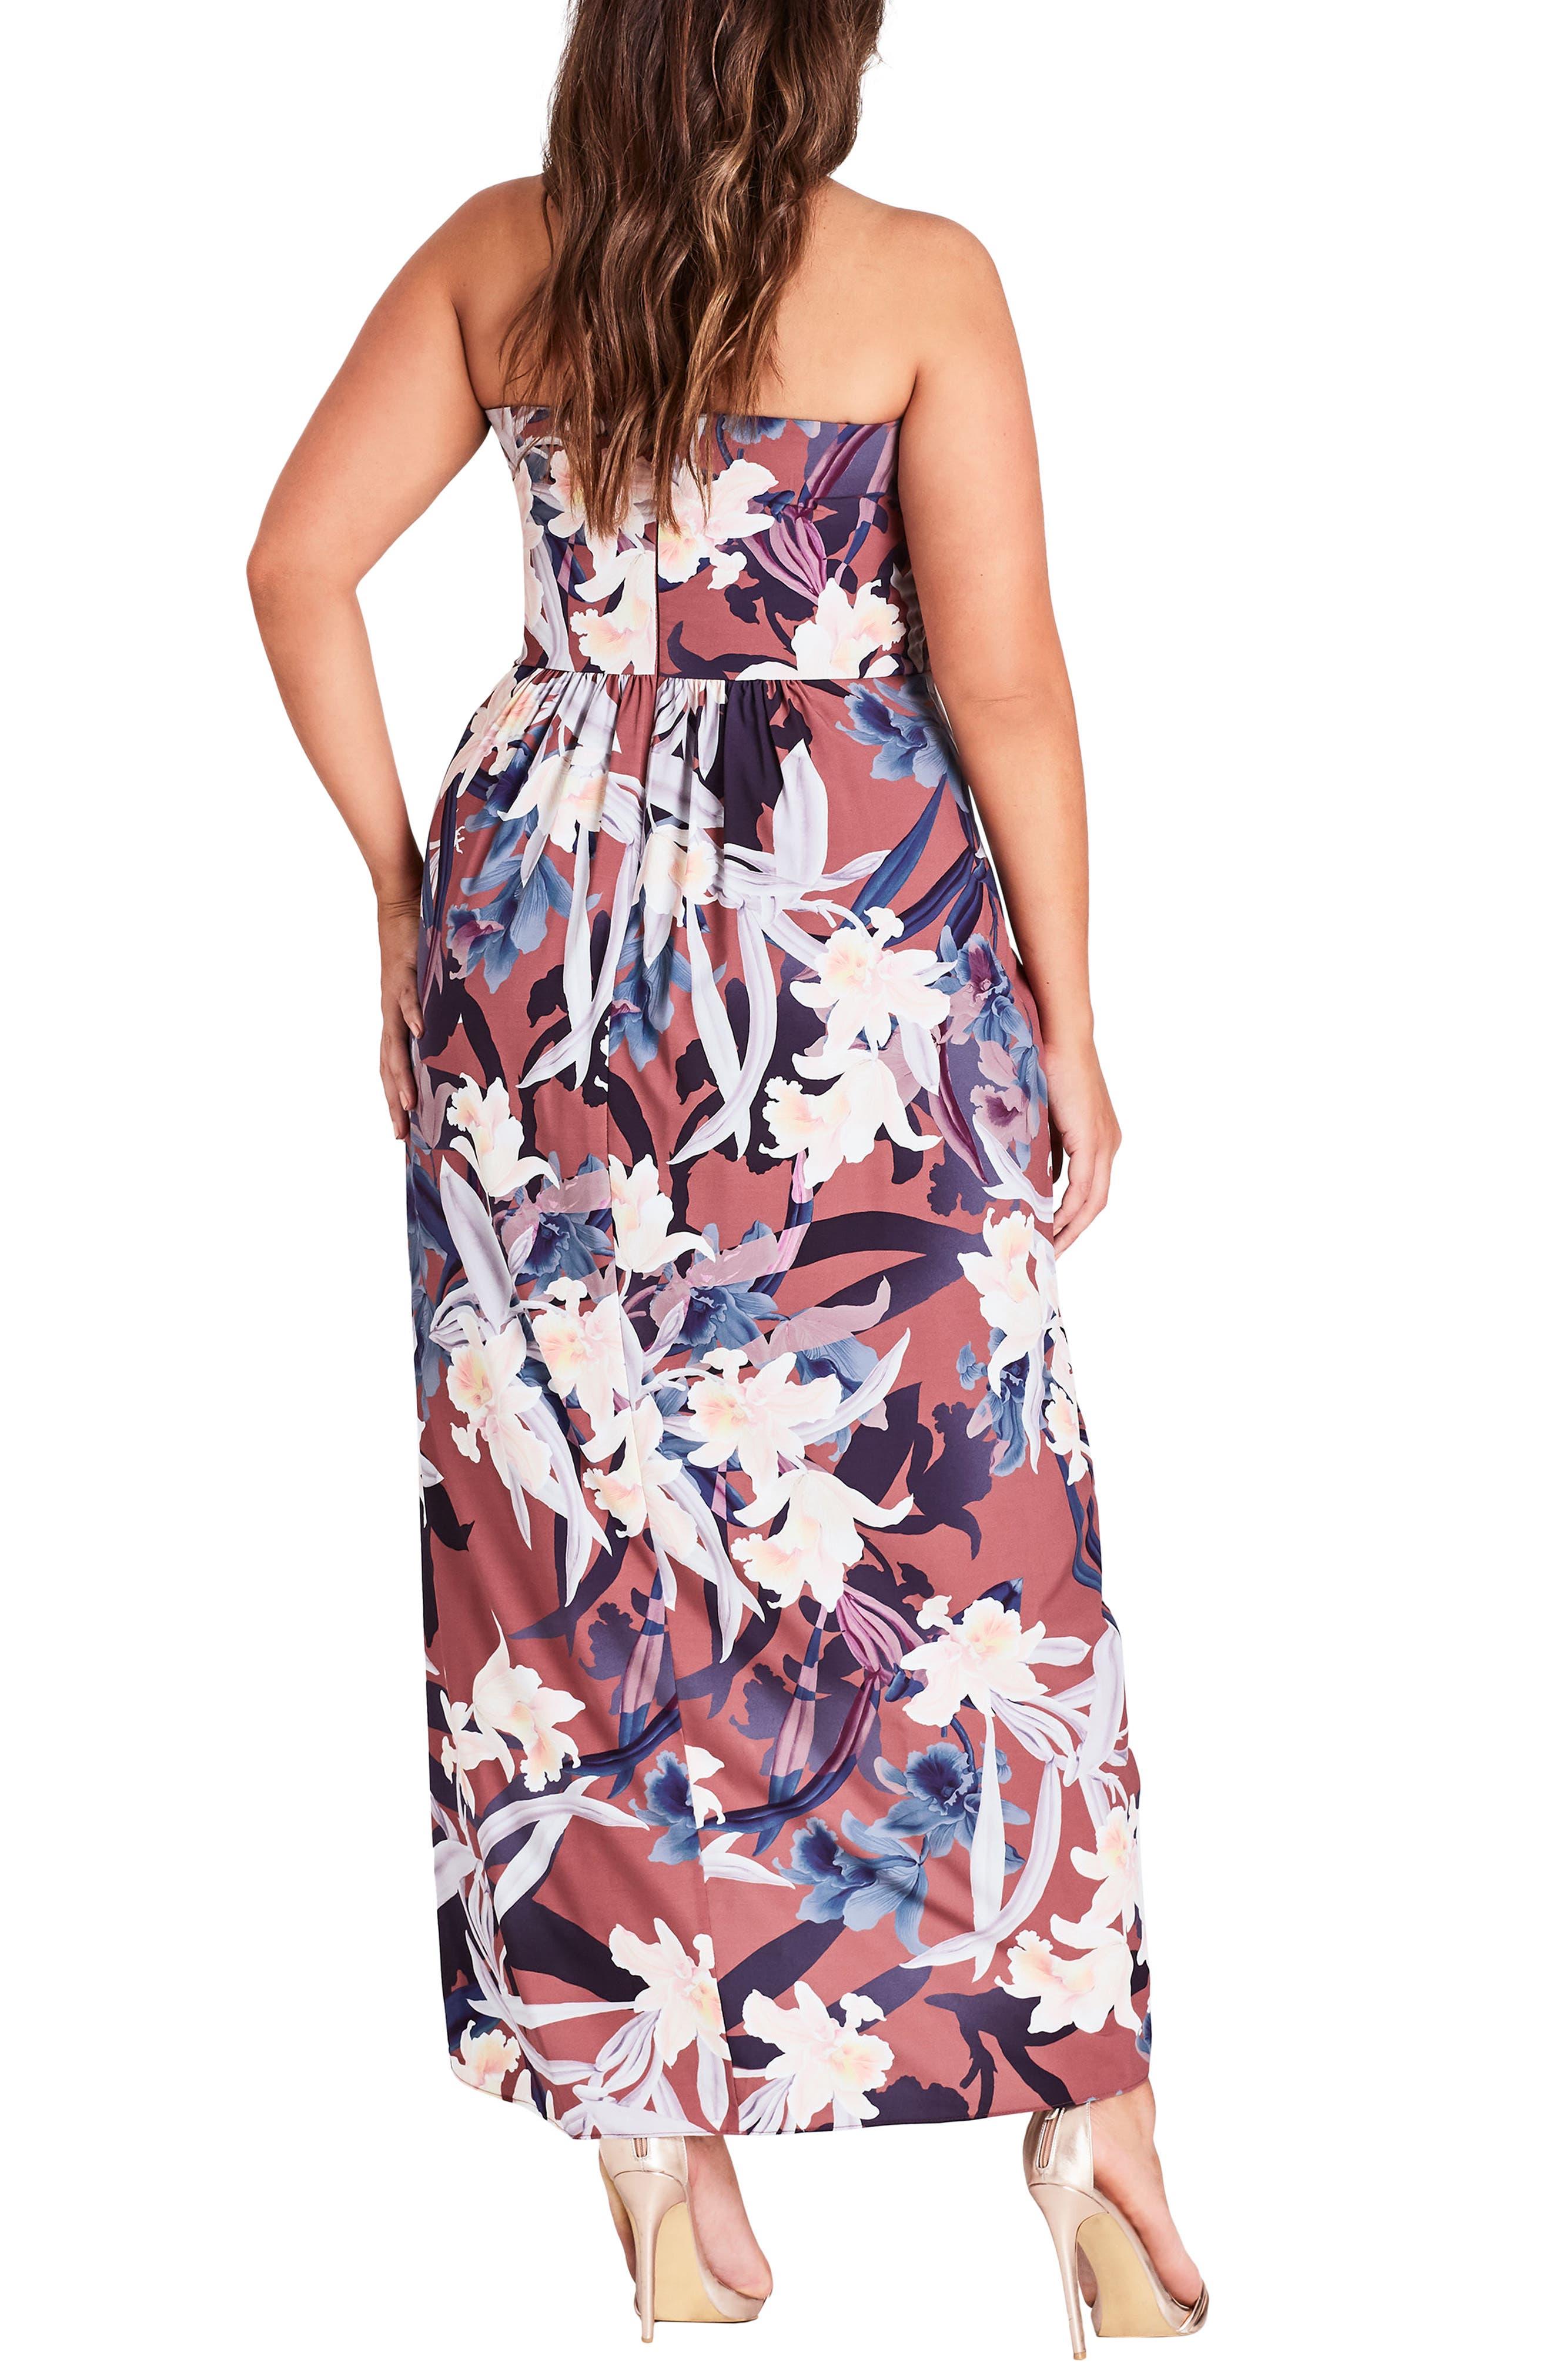 Lavish Floral Strapless Dress,                             Alternate thumbnail 2, color,                             Lavish Floral